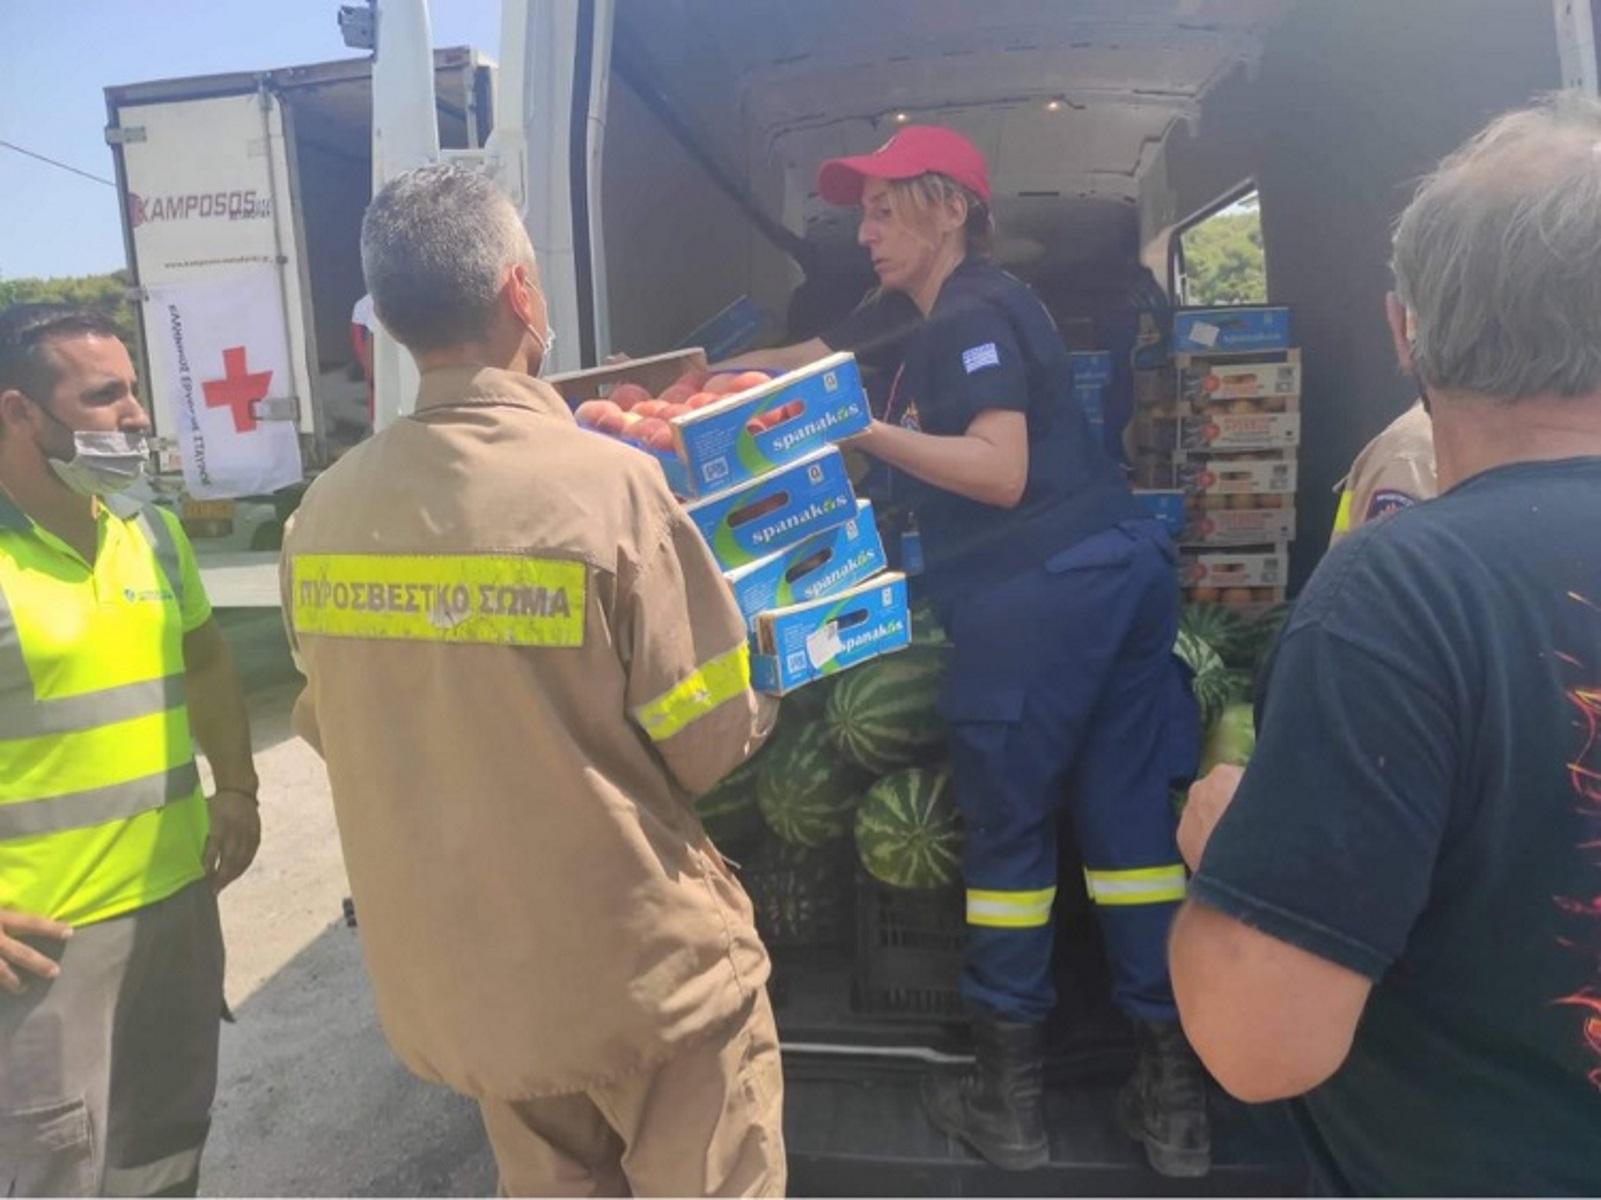 Φωτιά στα Βίλια: Προσφορά 2 τόνων φρούτων στα Σώματα Ασφαλείας και στους εθελοντές